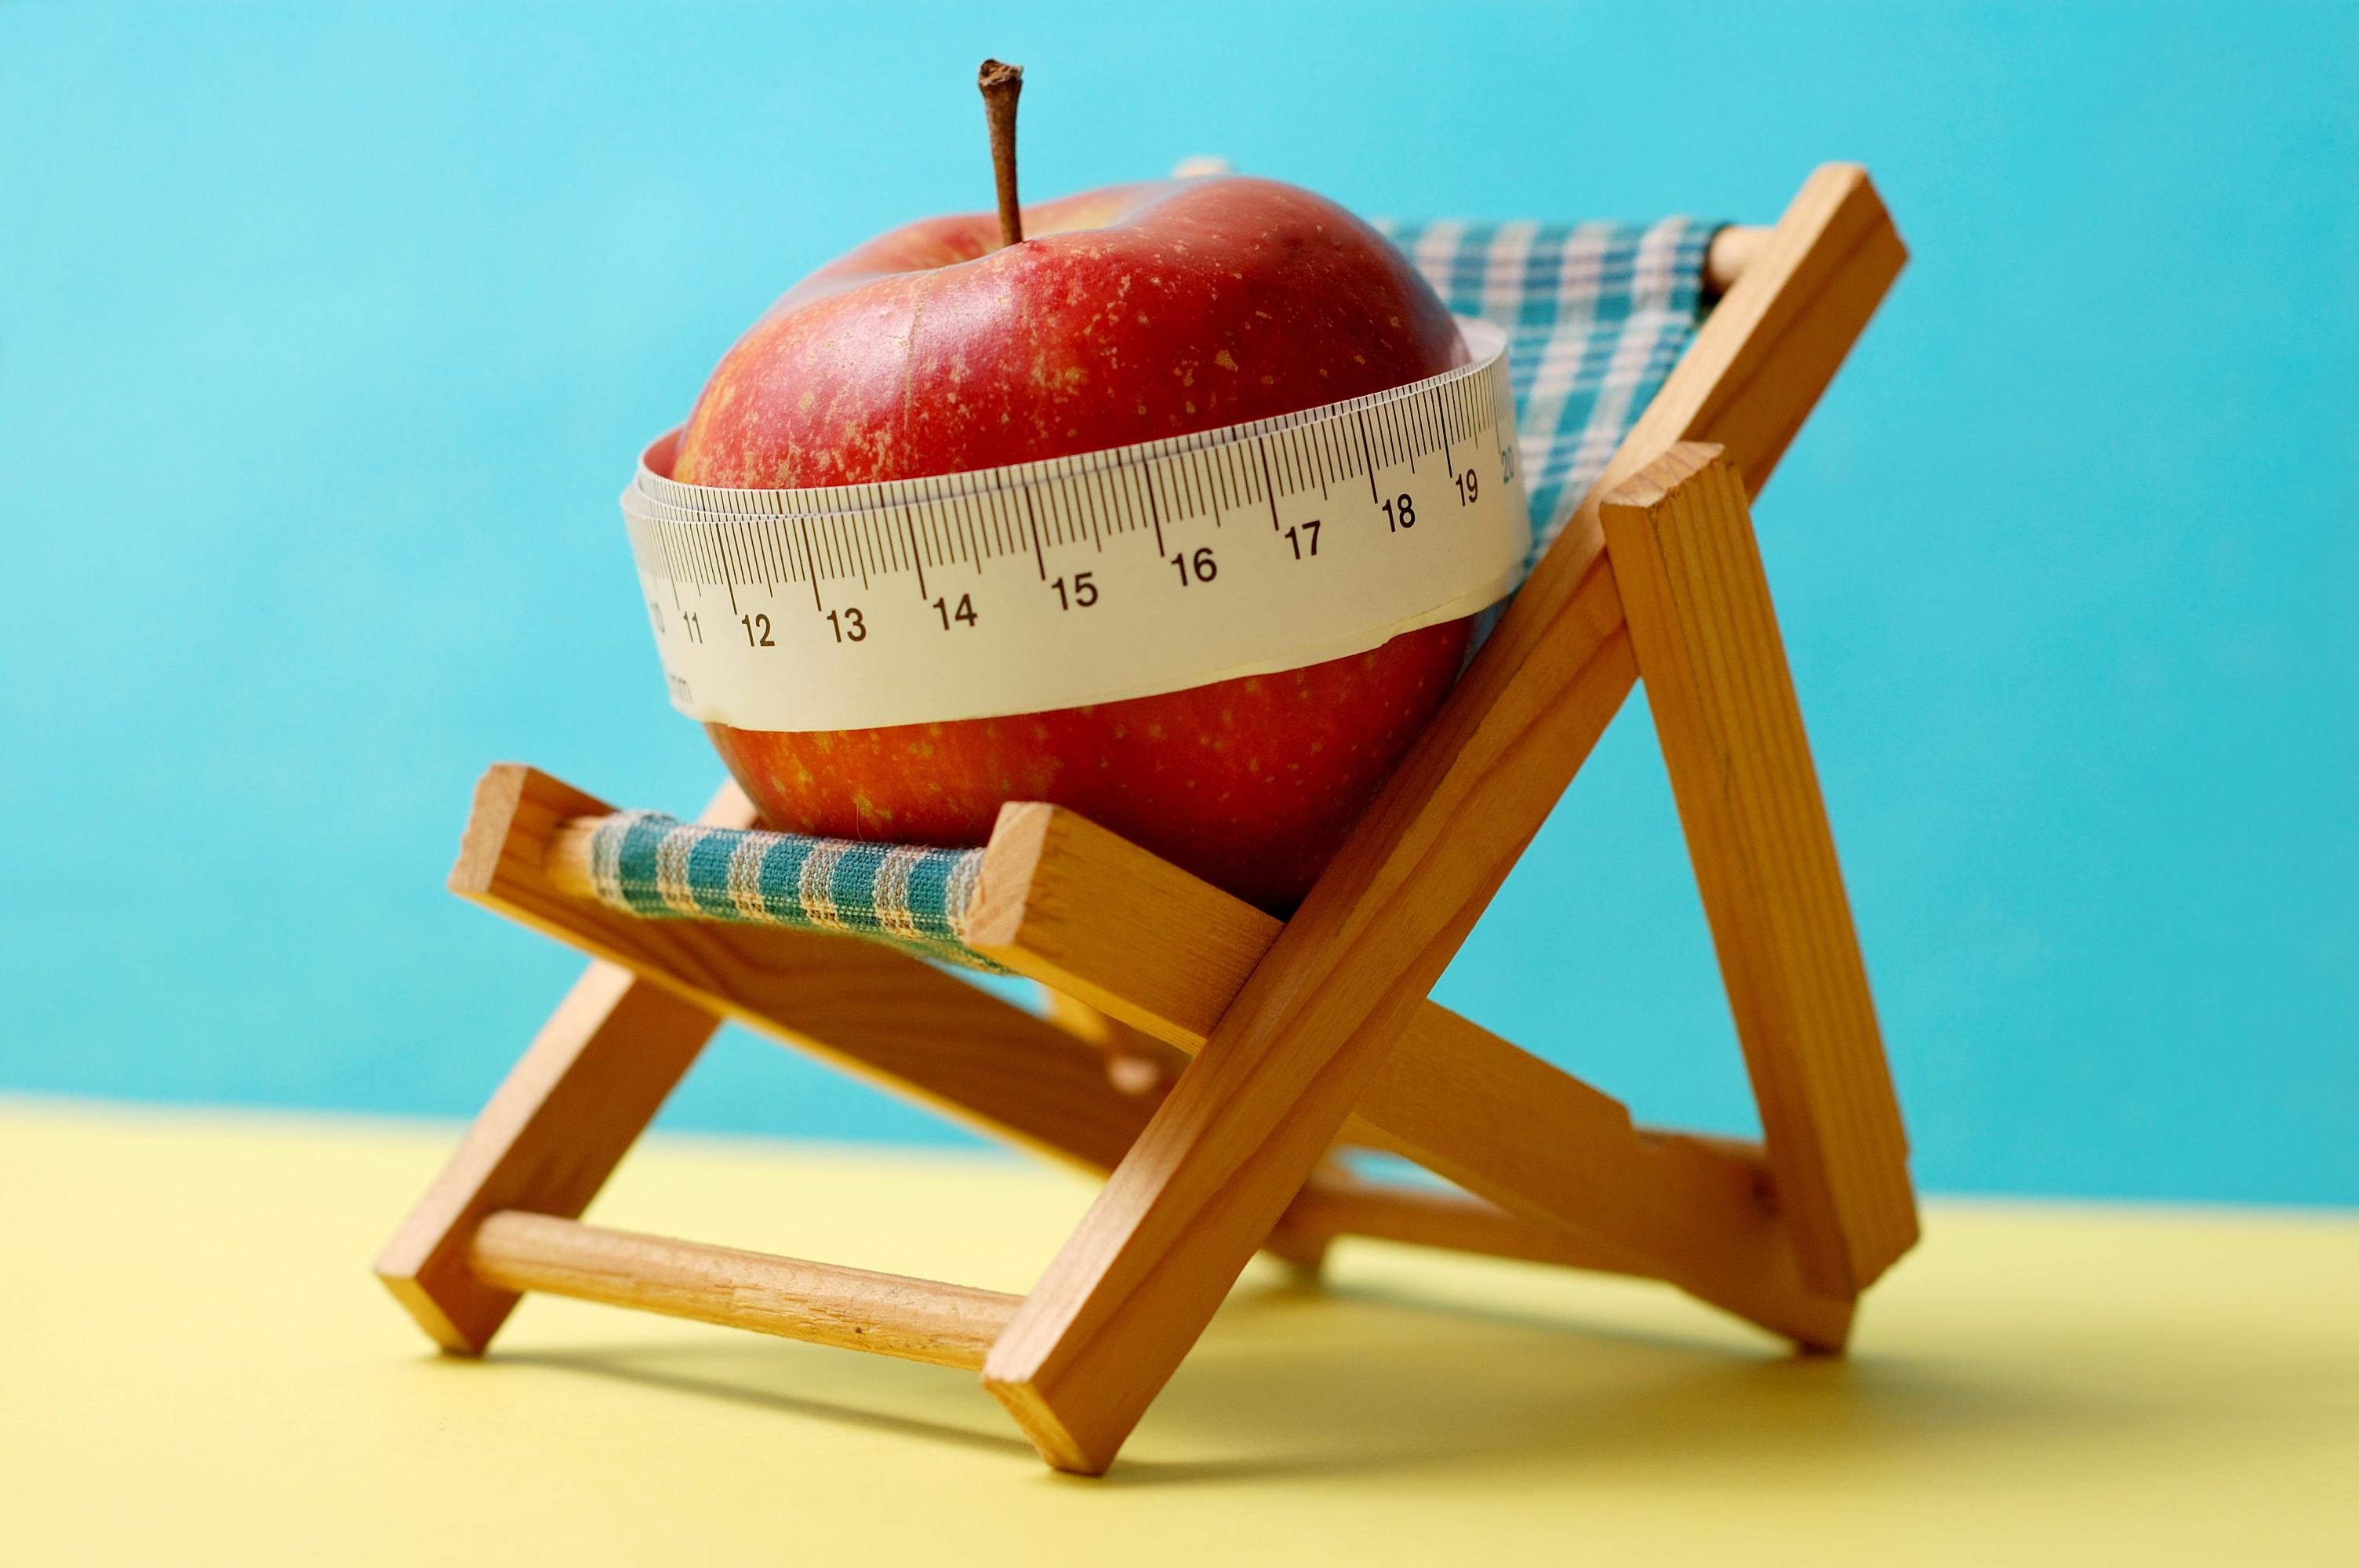 Яблочная диета: как похудеть на 7 килограмм за 7 дней